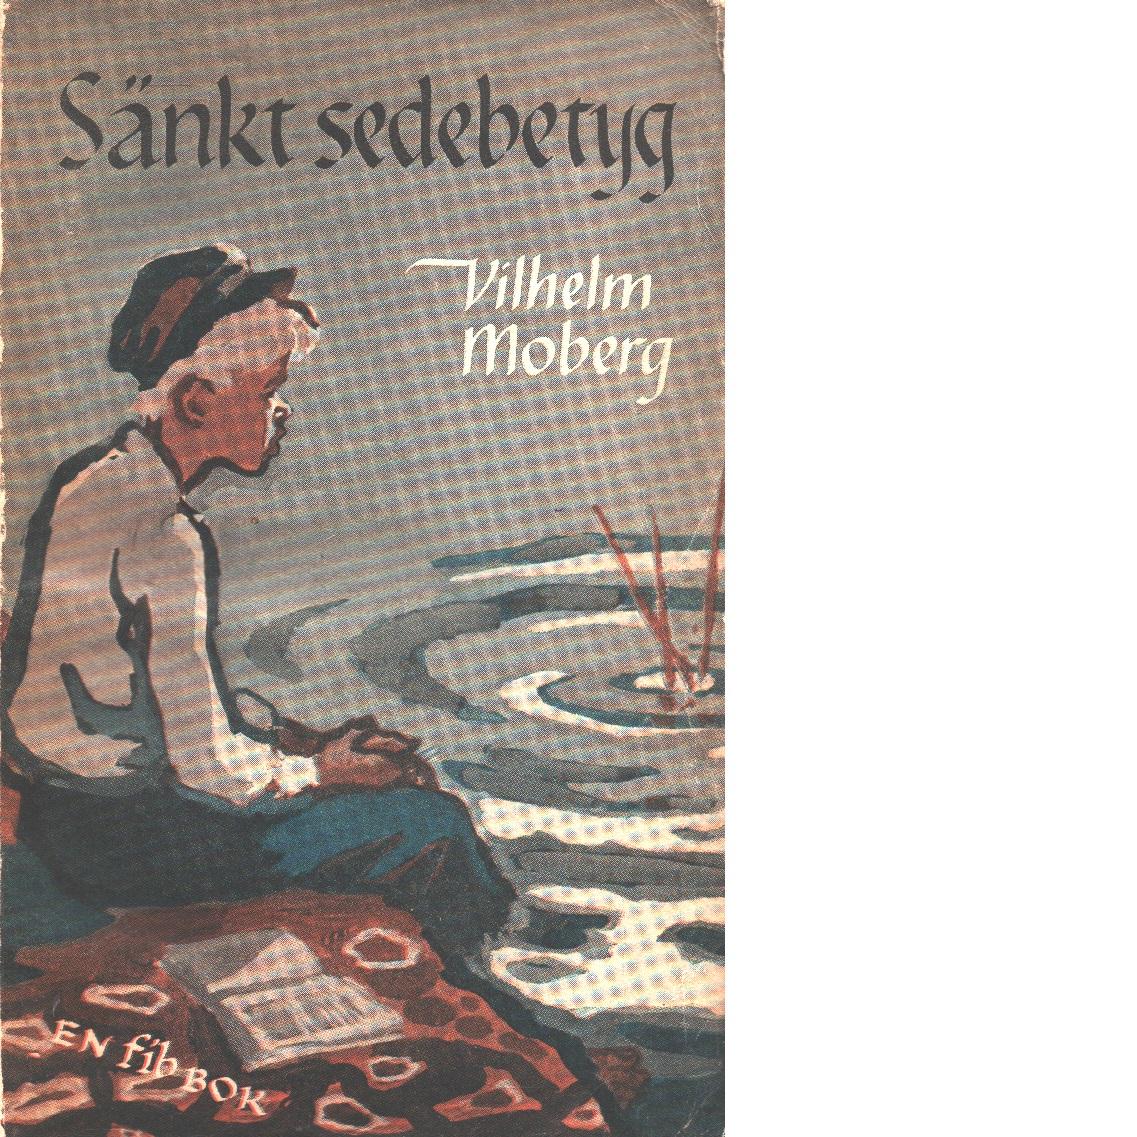 Sänkt sedebetyg - Moberg, Vilhelm